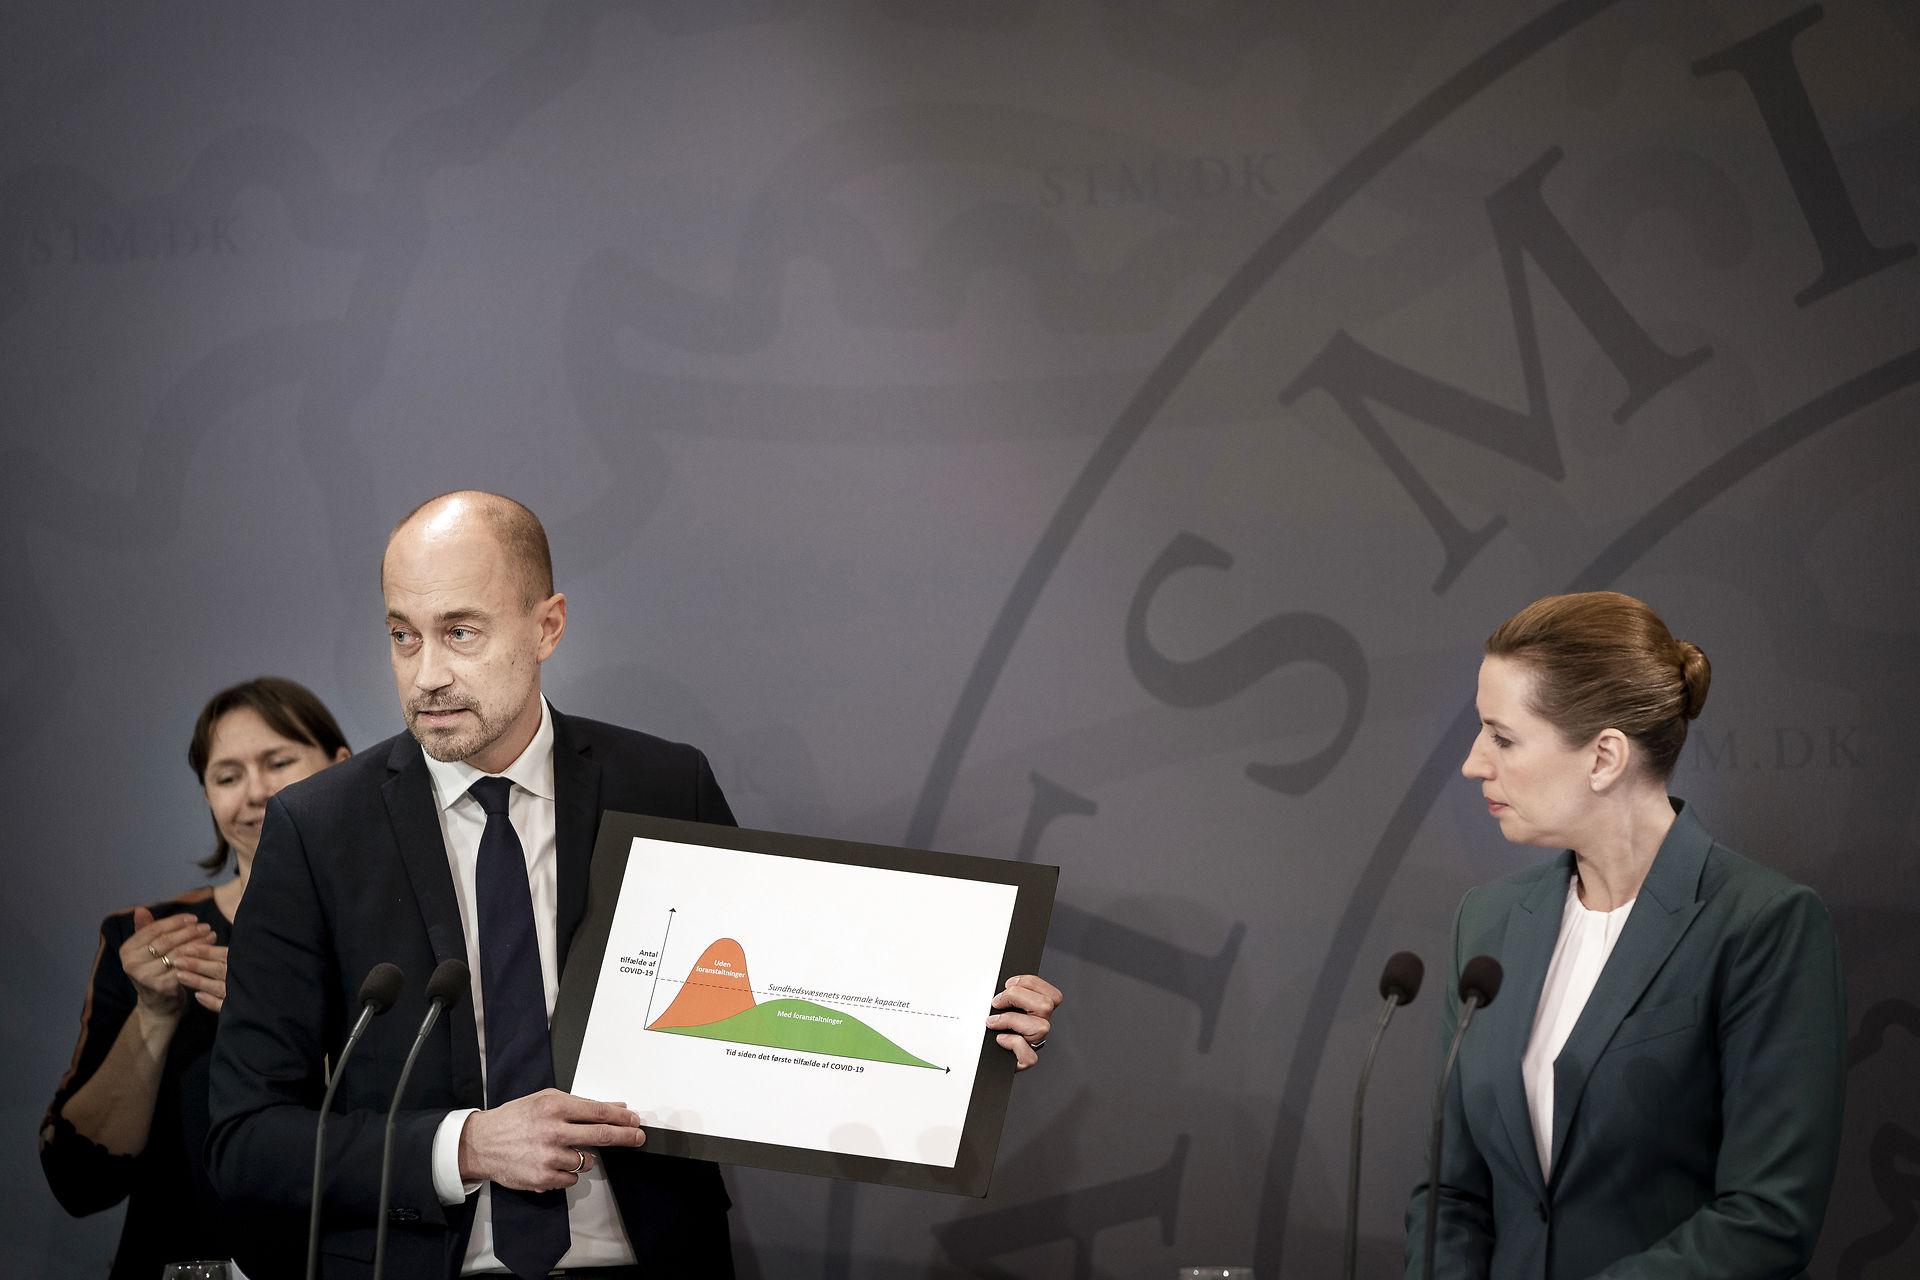 Ekspert: Heunicke grønne og røde graf skal skiftes ud